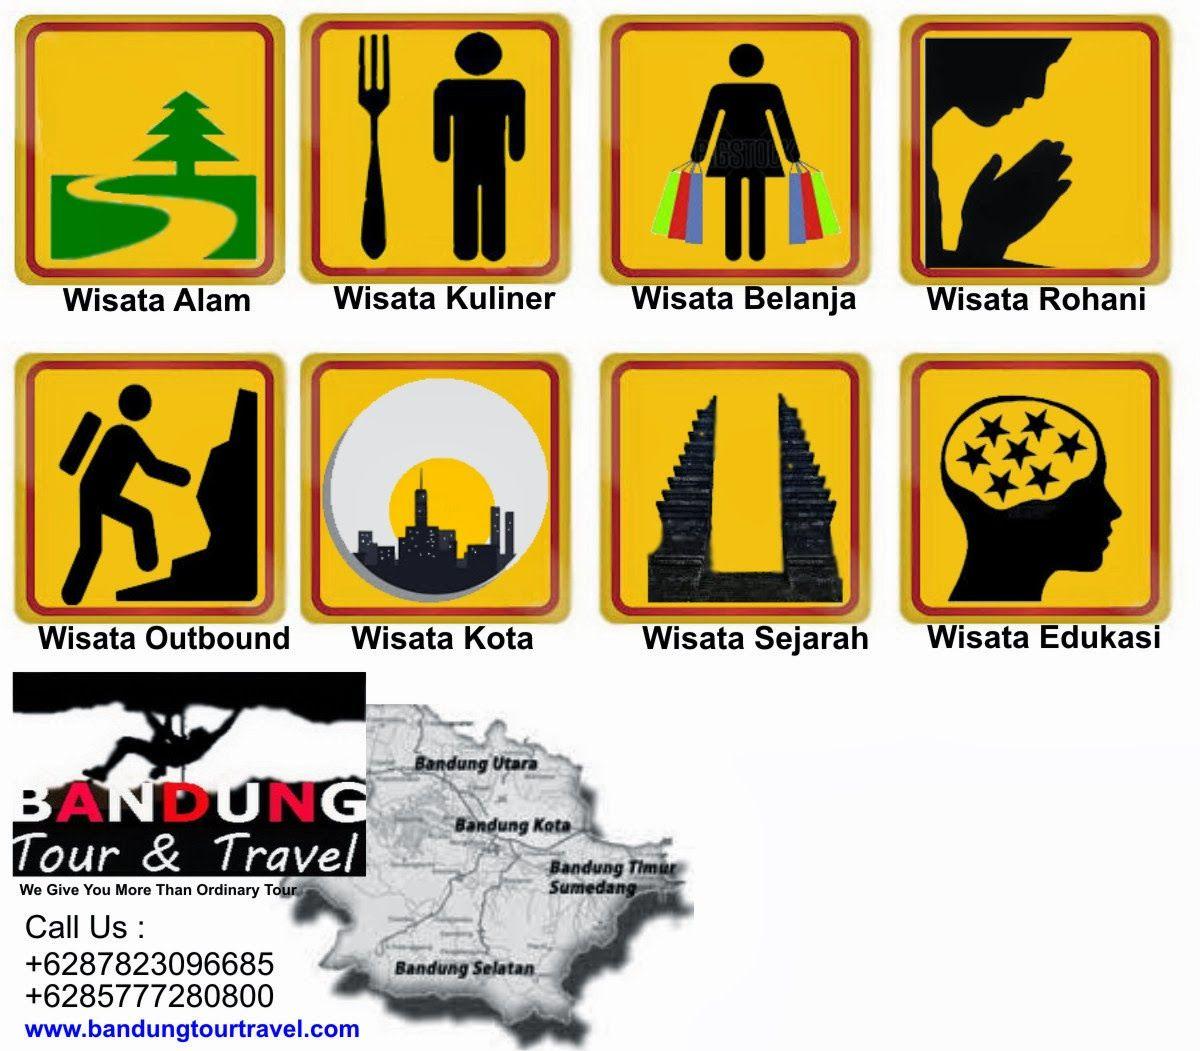 Contoh Laporan Study Tour Jakarta Bandung - Kumpulan ...